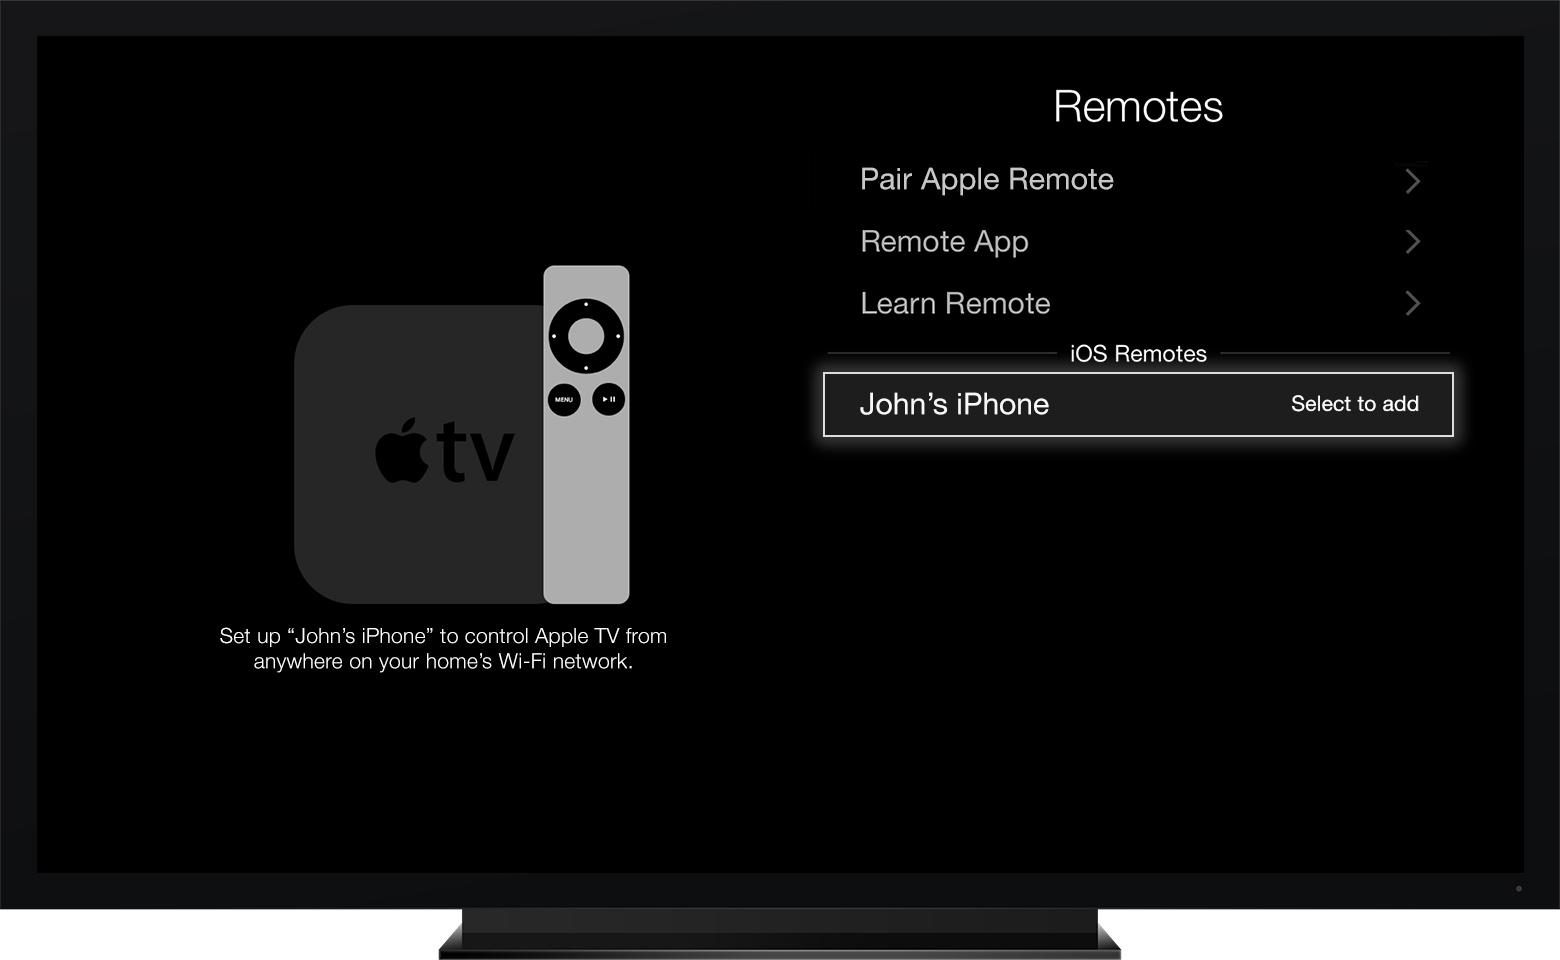 descargar hbo en apple tv 2 generacion